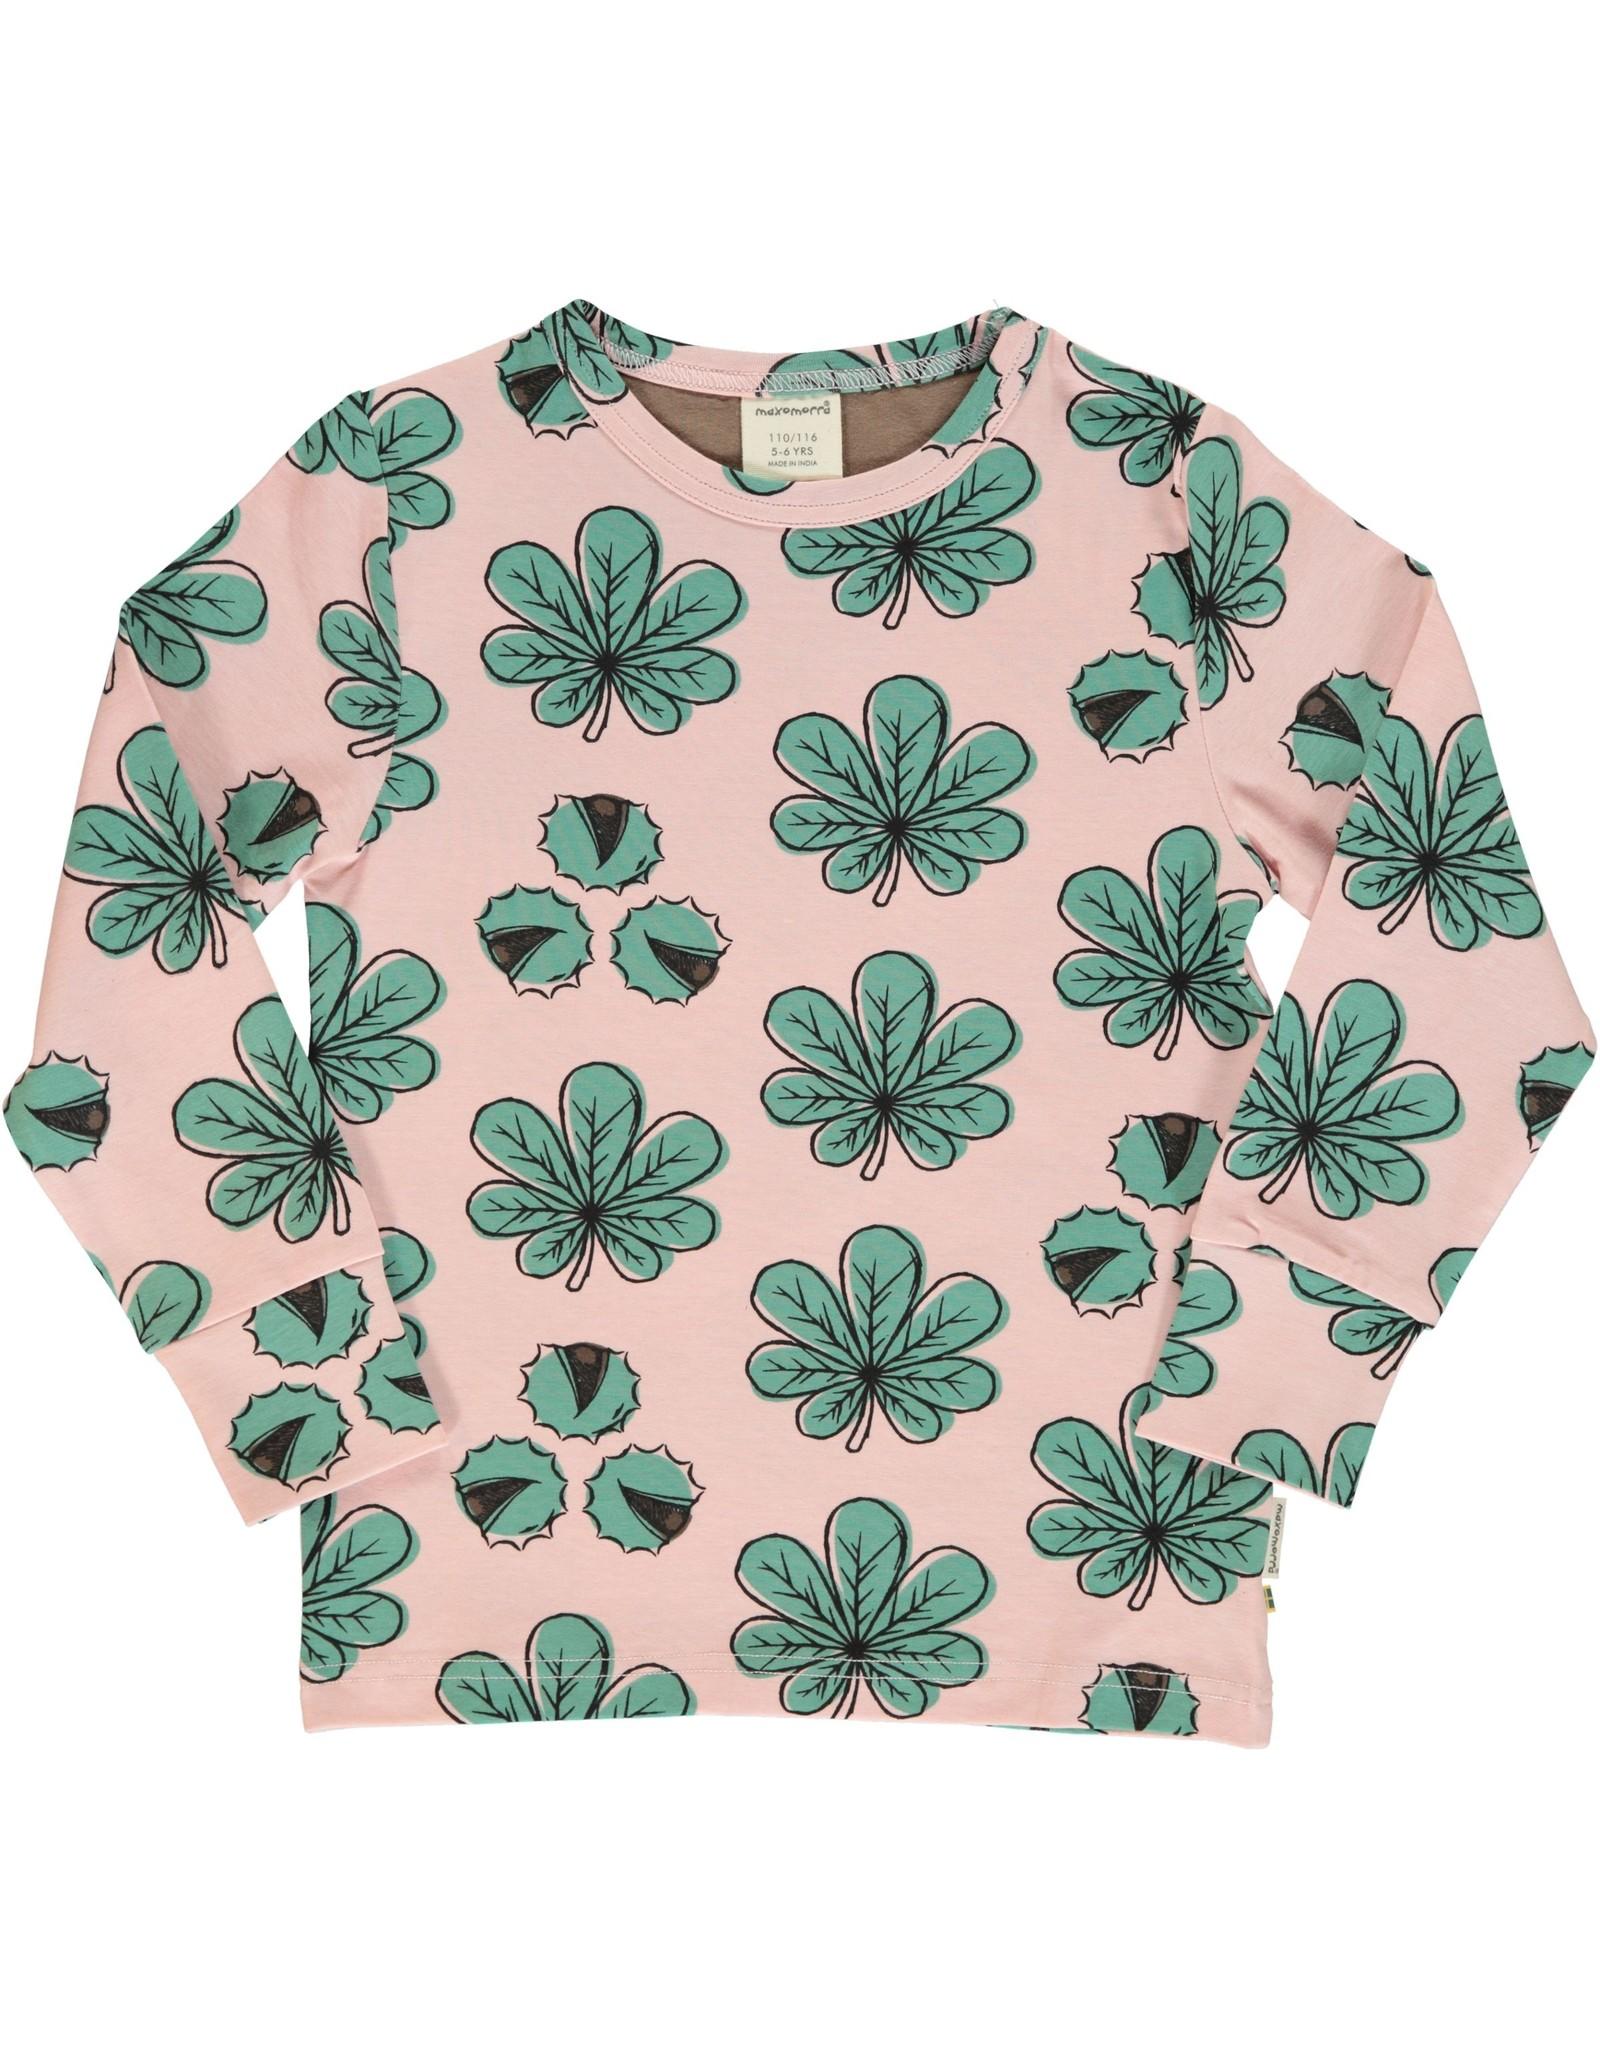 Maxomorra T-shirt met kastanjeboom bladeren